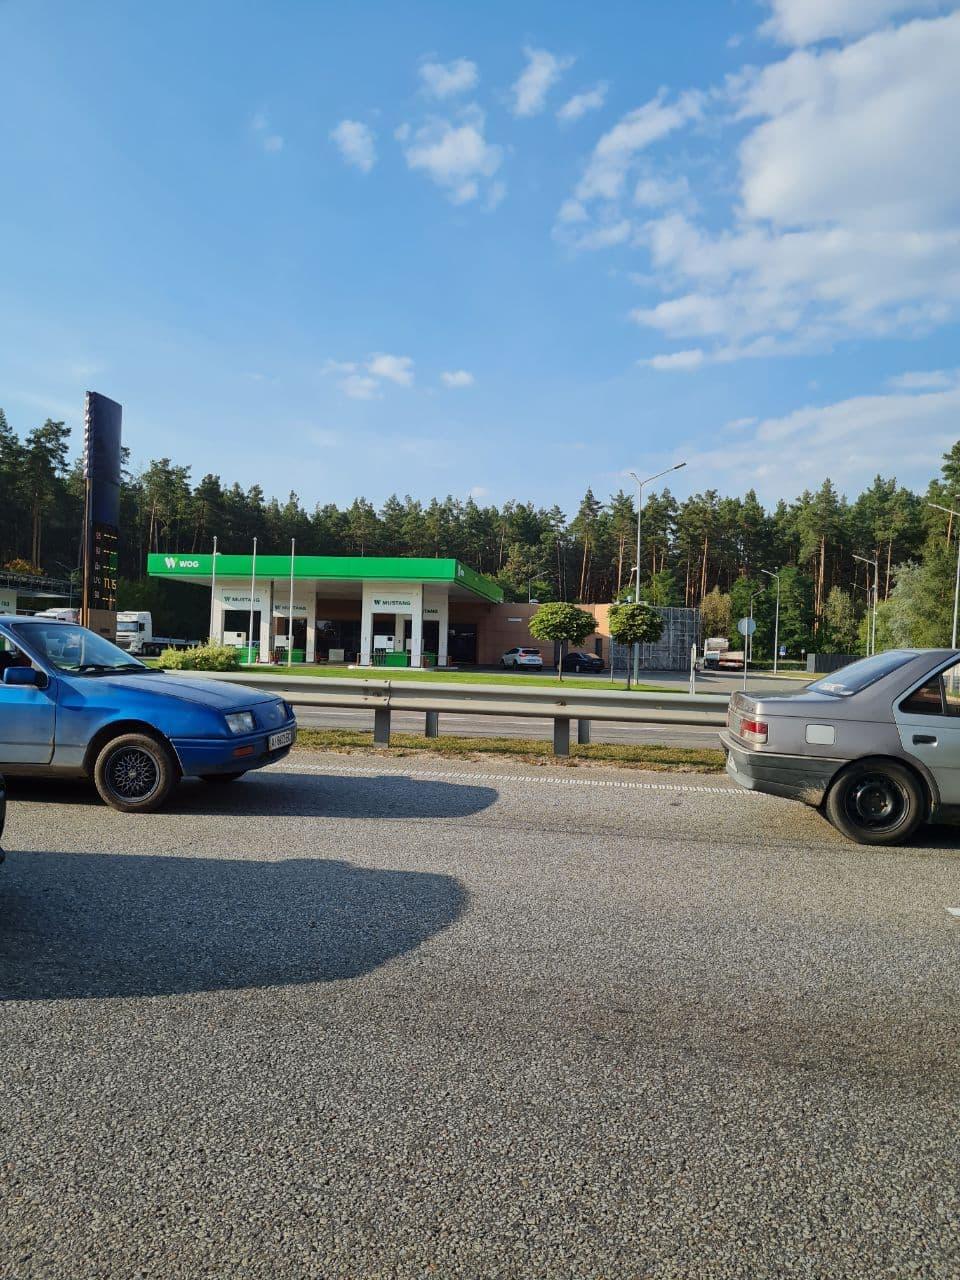 Удар по АЗС GLUSCO: действительно ли бизнес, связанный с Медведчуком, становится убыточным  - фото 2